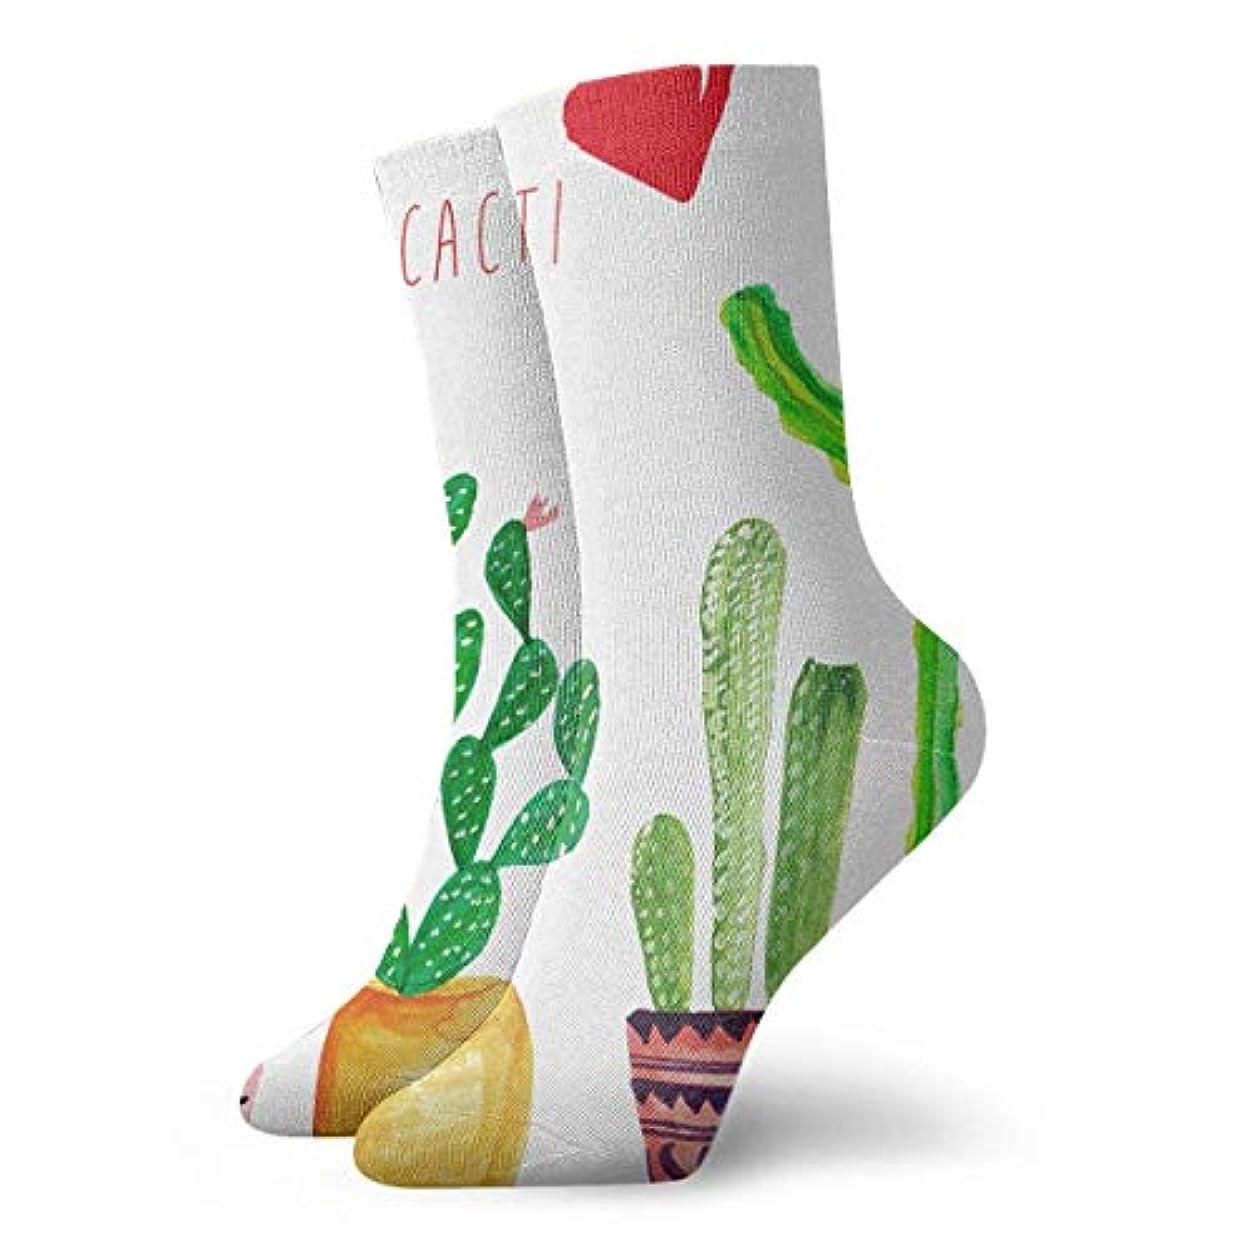 鉛ポインタマントかわいい靴下クリスマス休暇靴下靴下靴下靴下靴下